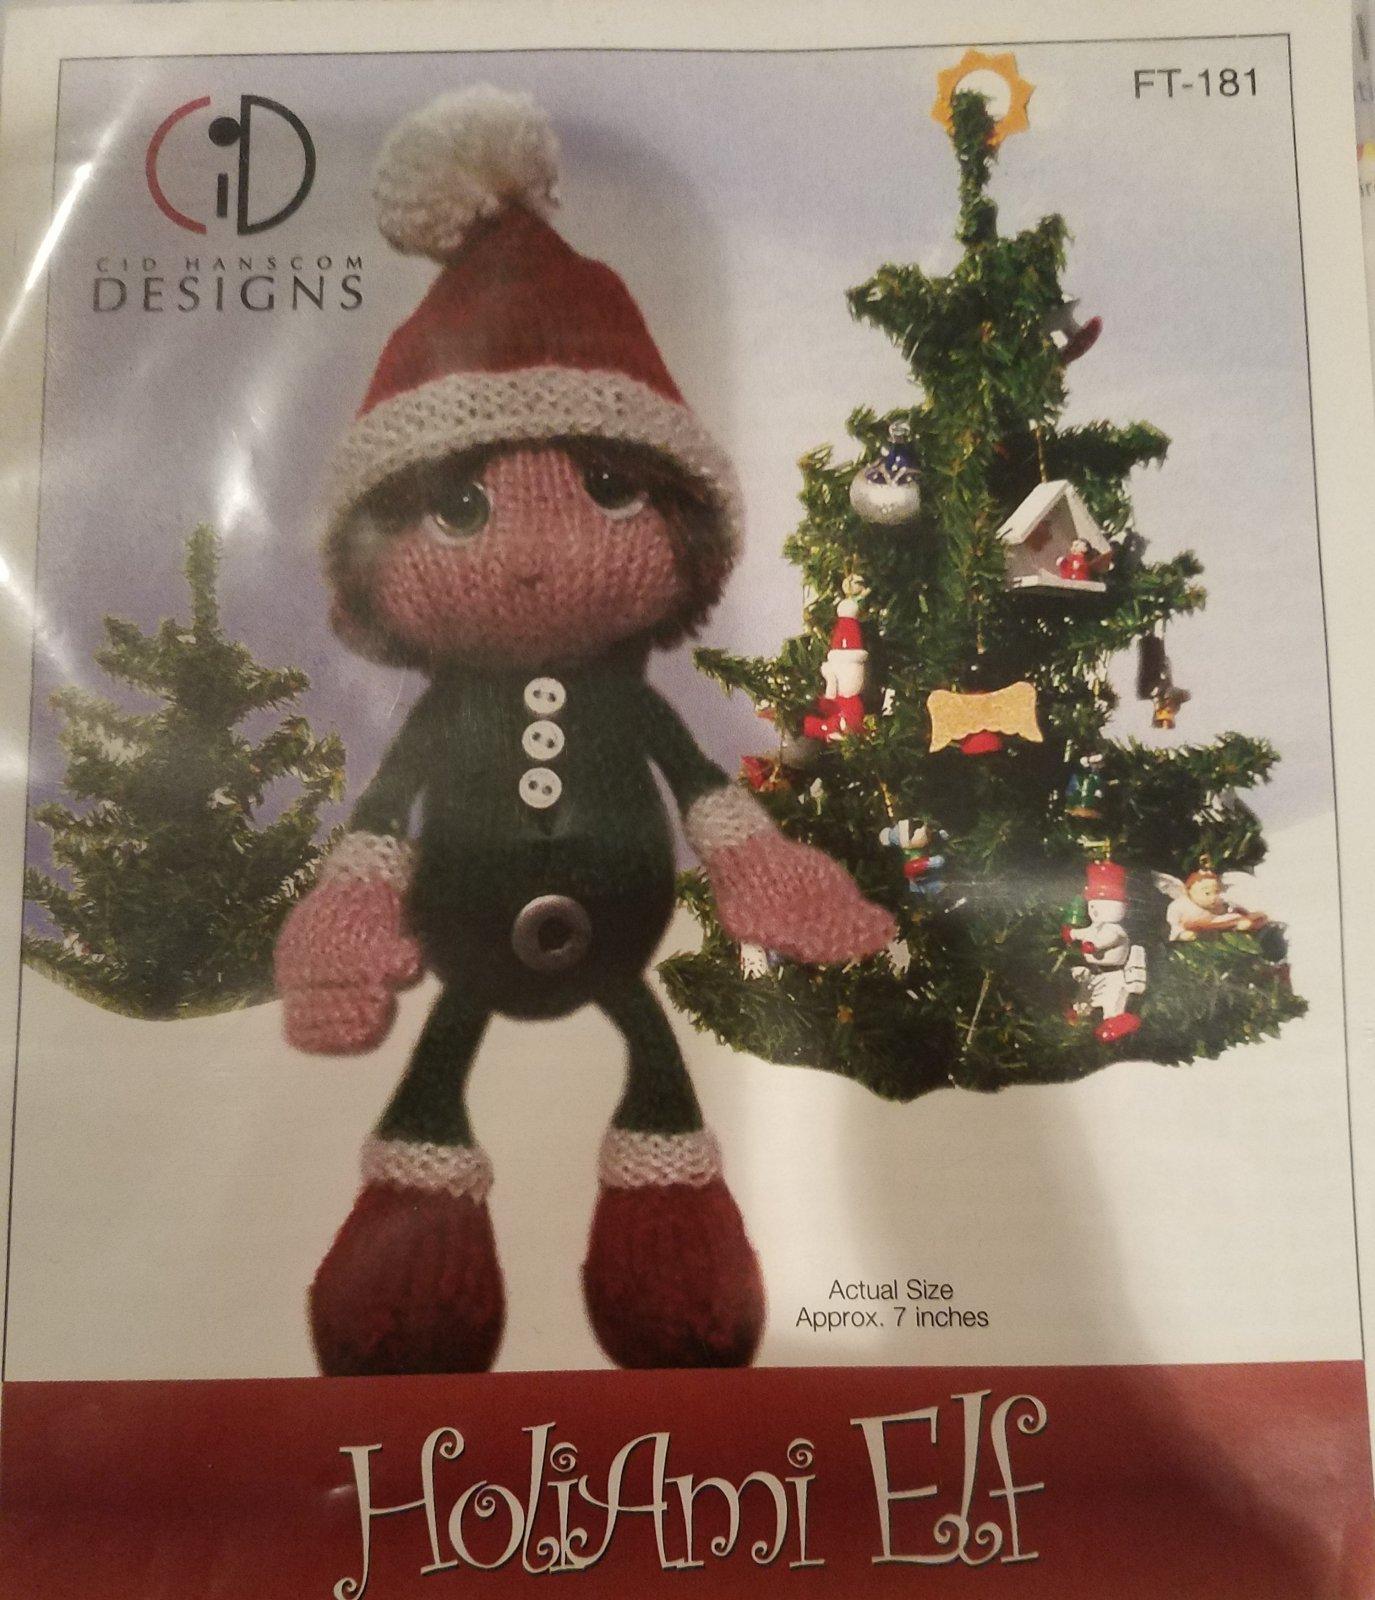 HoliAmi Elf by Cid Hanscom